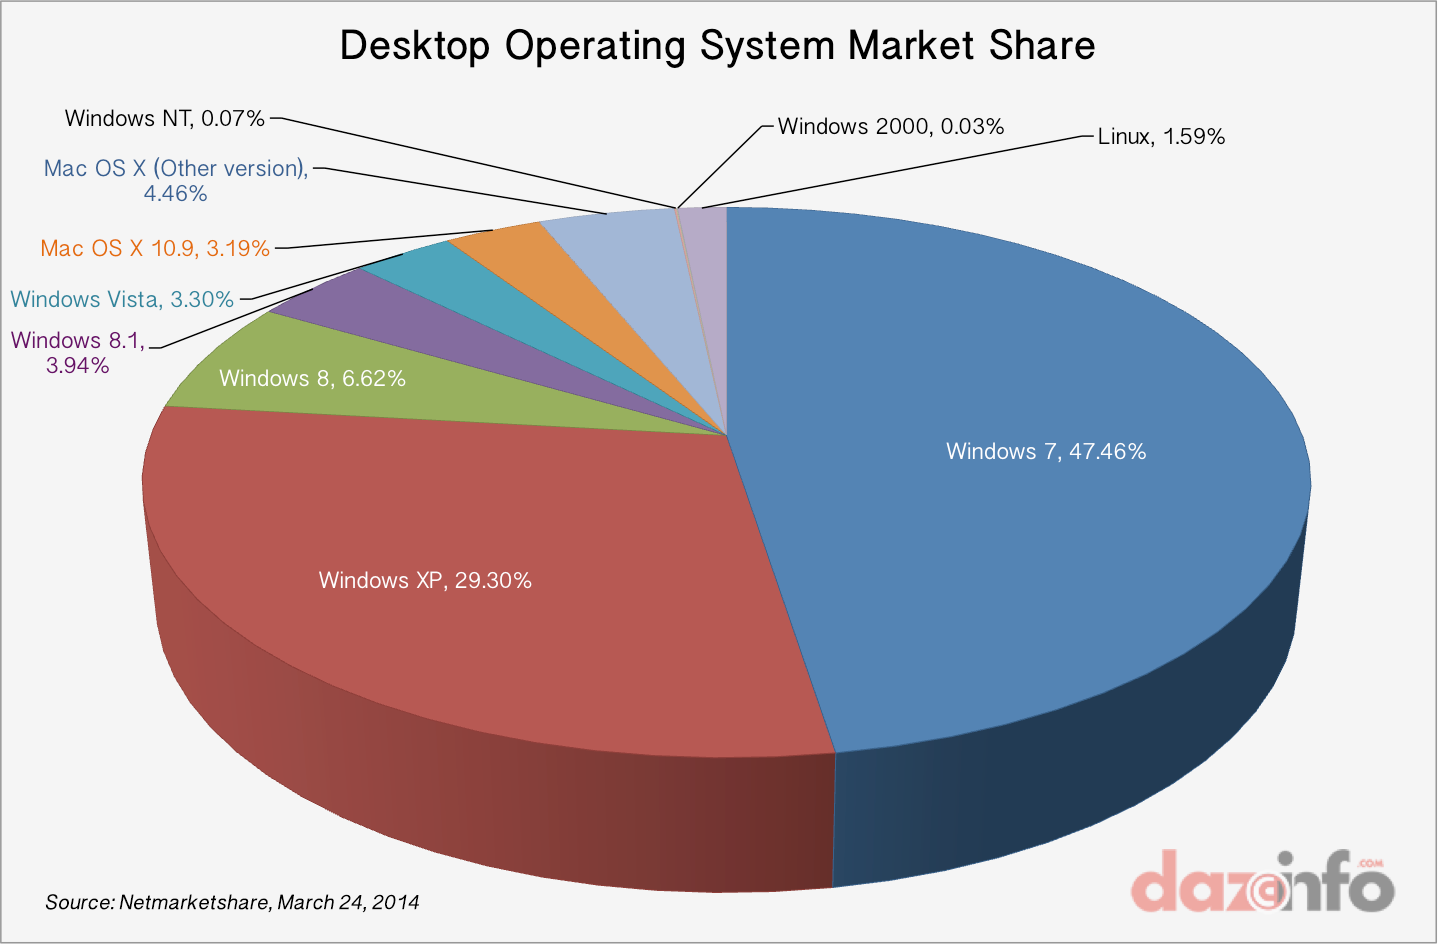 desktop-operating-system-market-share1.png